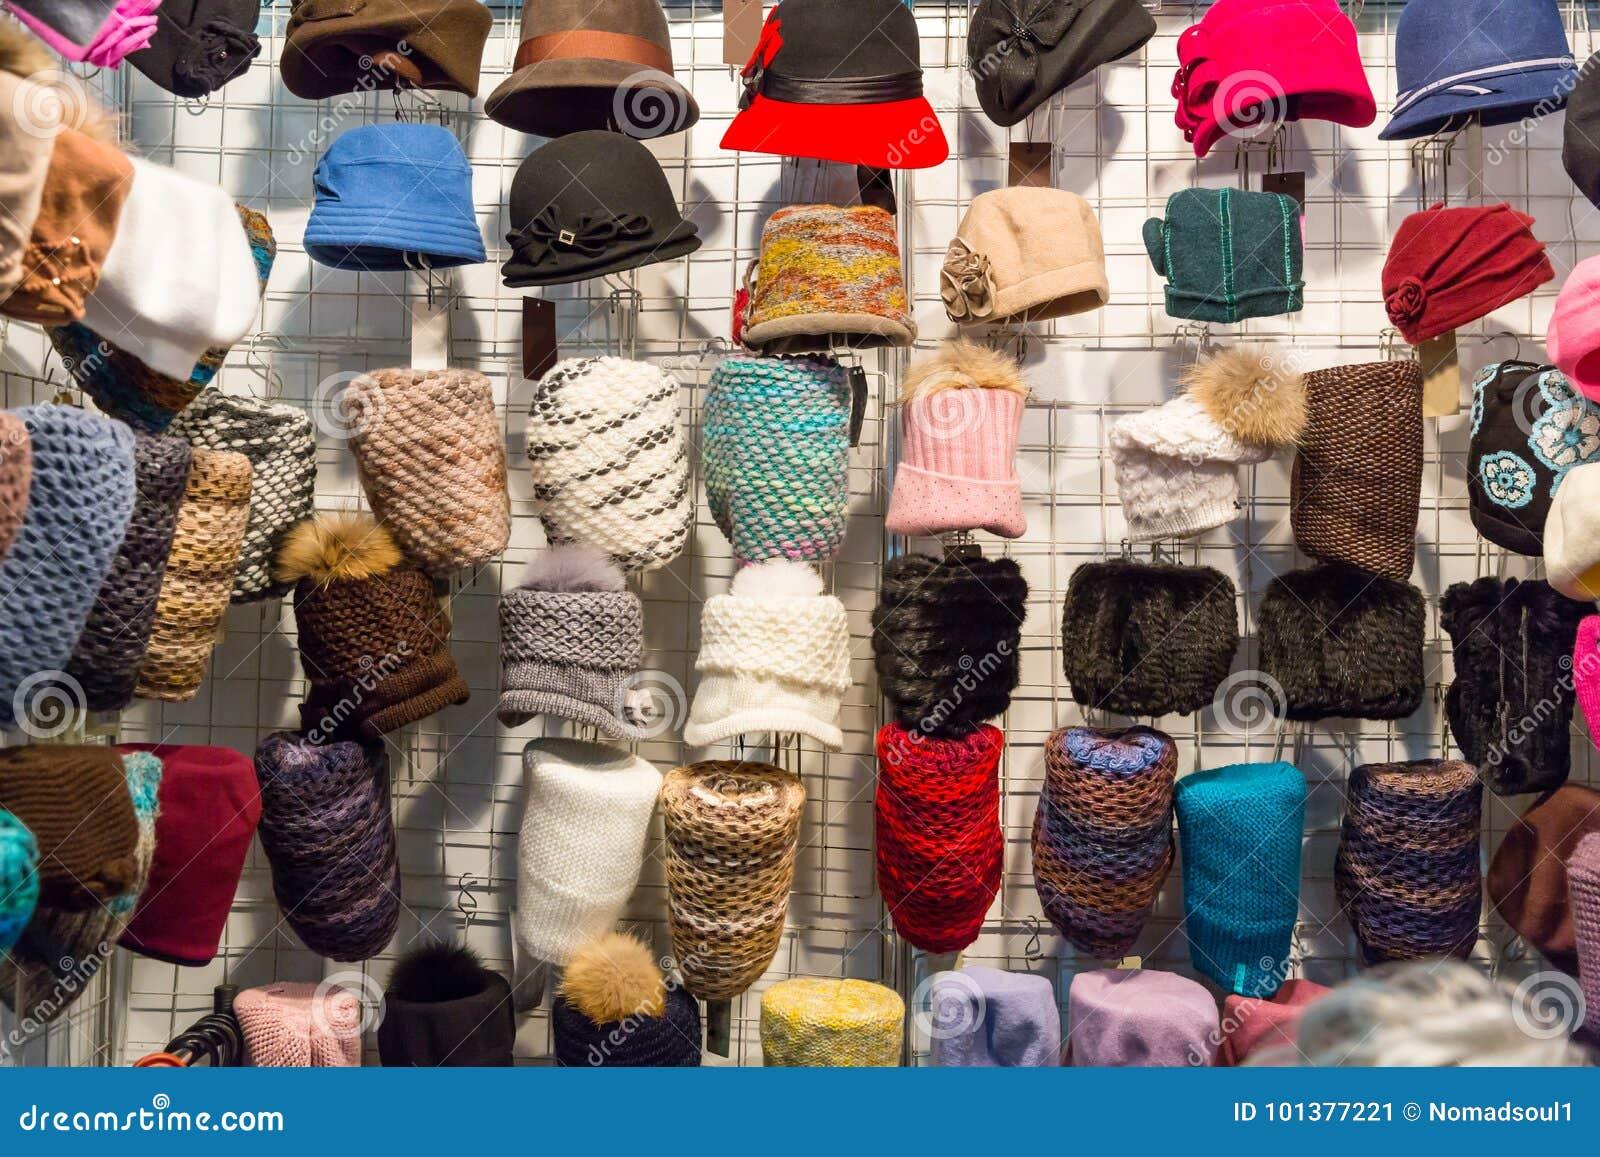 ca71d0b6c79 Showcase In Hat Shop